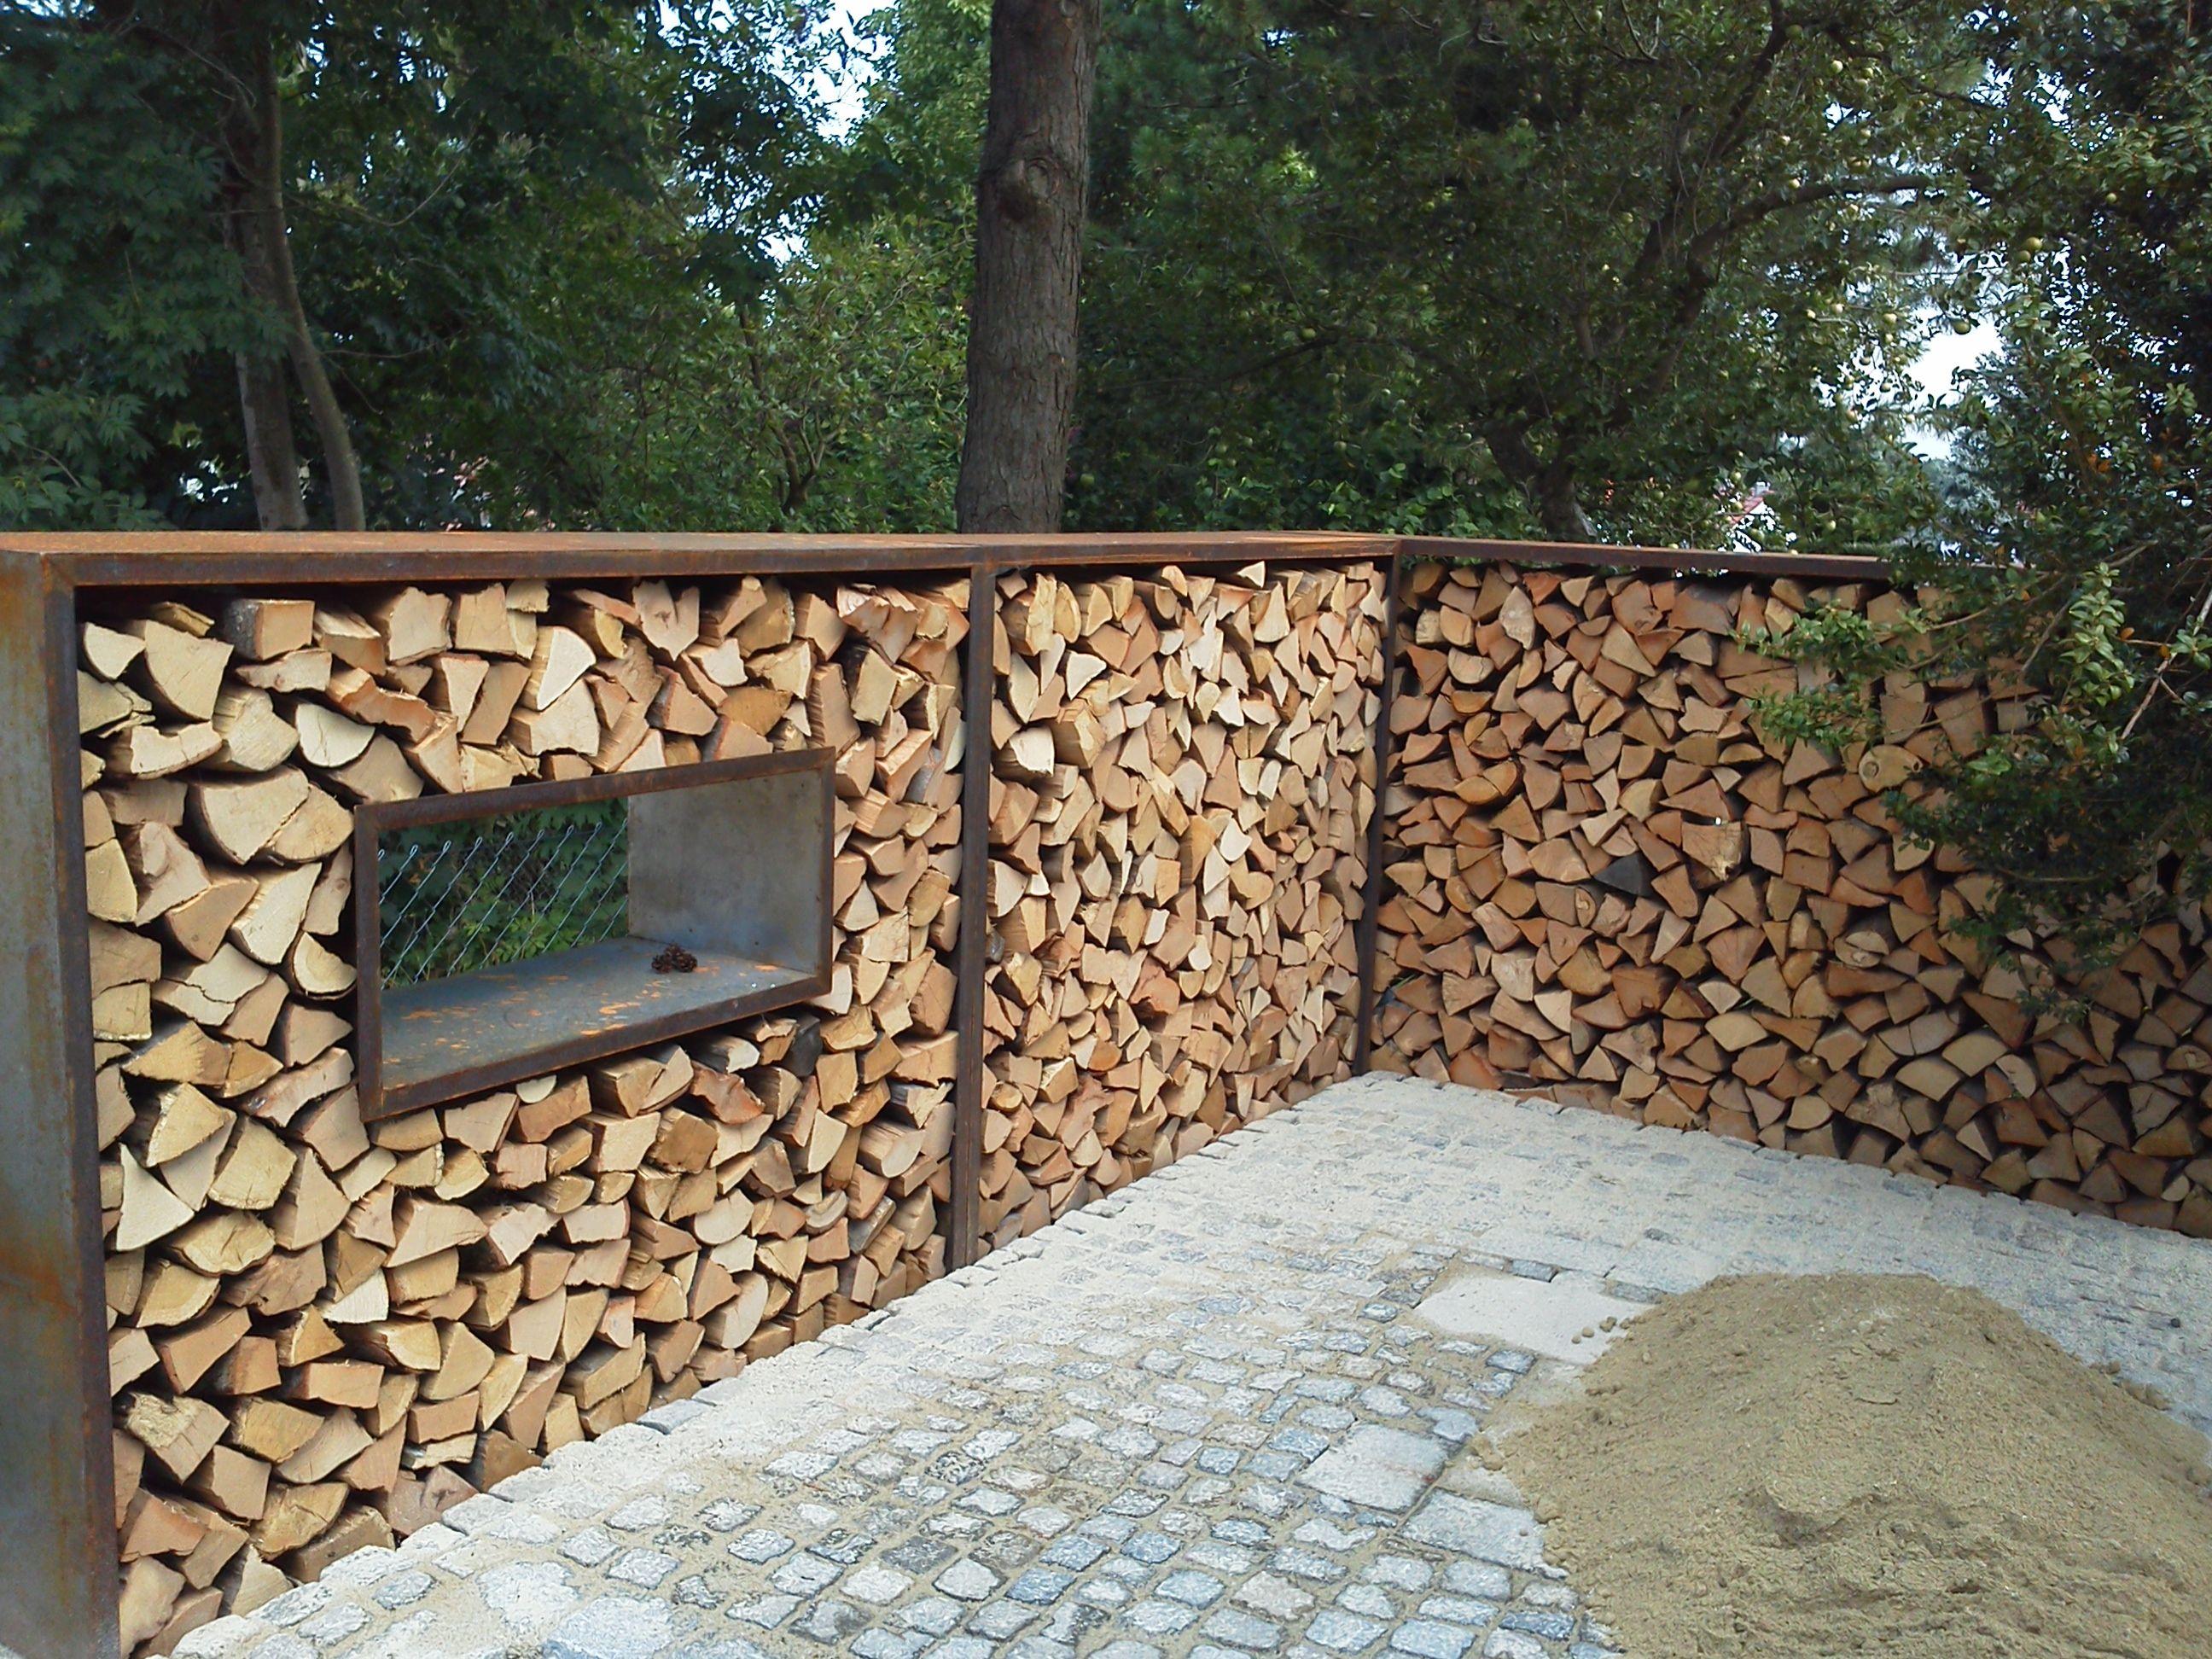 Sichtschutz garten natursteine garten sichtschutz for Natursteine garten